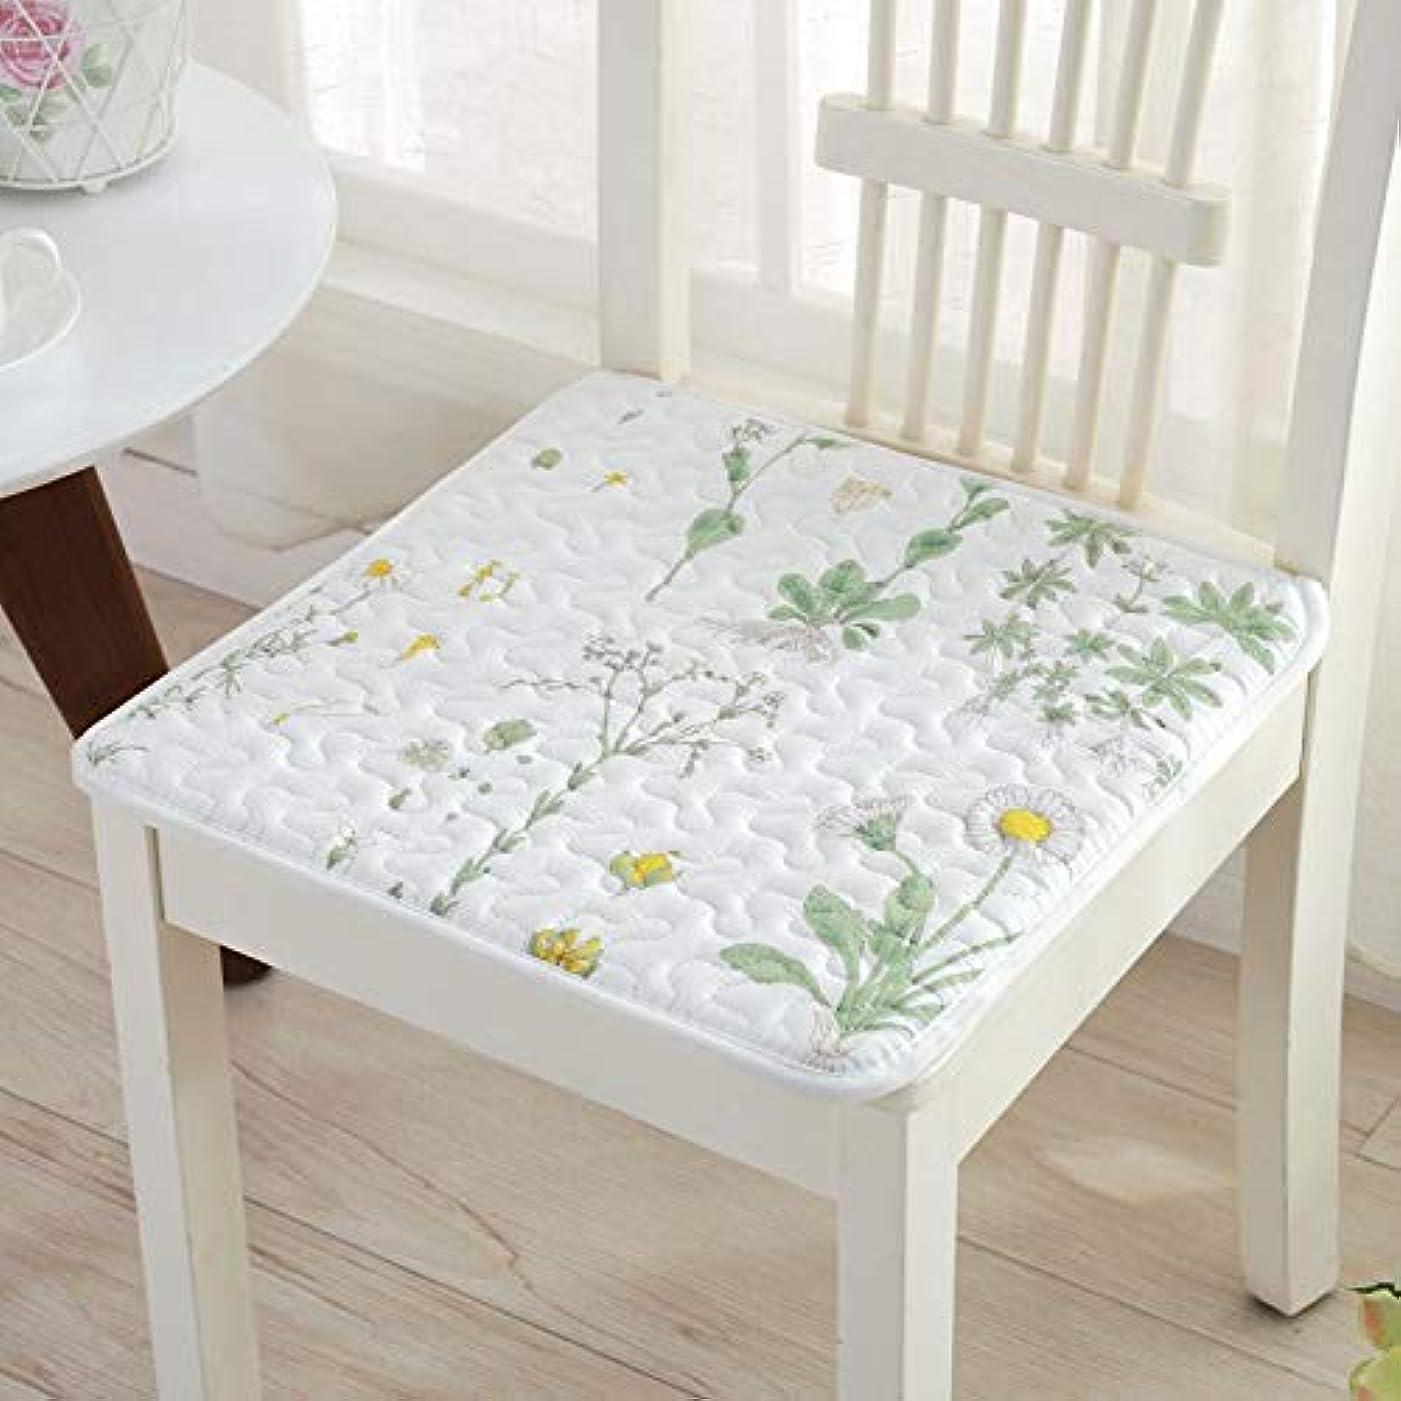 写真を描く異常病なLIFE 現代スーパーソフト椅子クッション非スリップシートクッションマットソファホームデコレーションバッククッションチェアパッド 40*40/45*45/50*50 センチメートル クッション 椅子